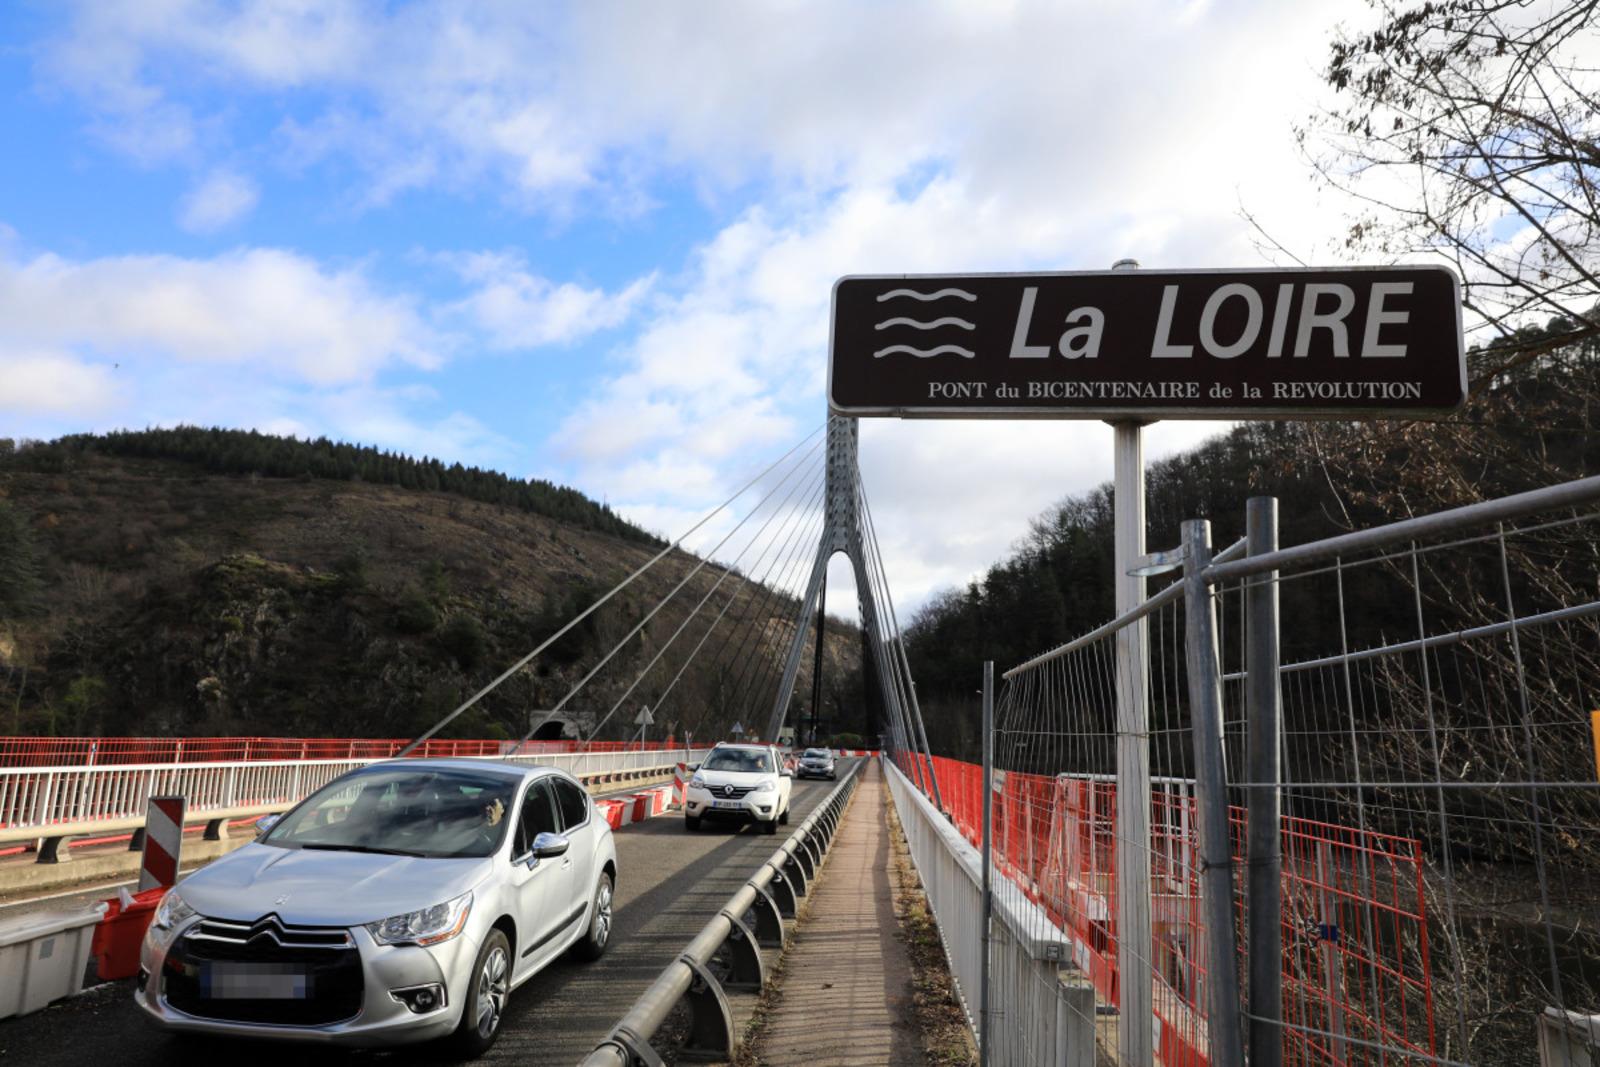 https://www.loire.fr/jcms/lw_1244841/pont-du-pertuiset-dernieres-coupures-de-la-circulation-prevues-les-24-et-25-juin?xtor=RSS-40